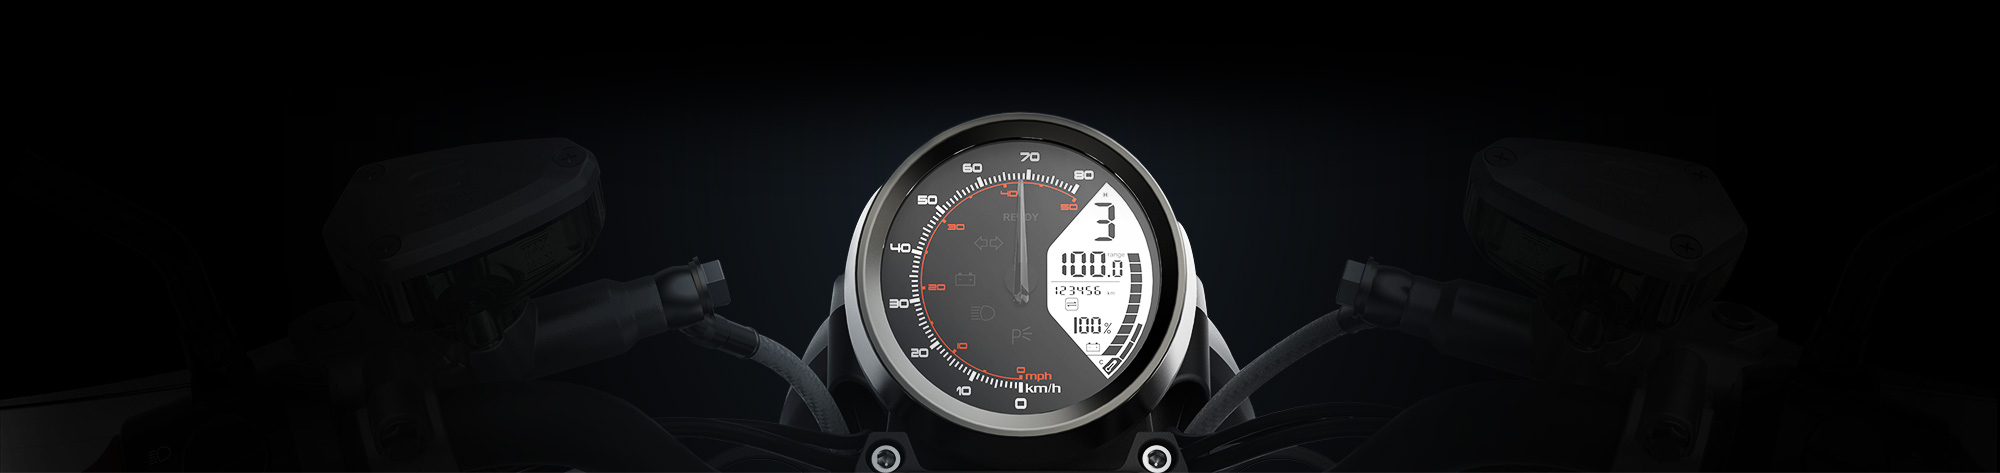 Tacho der Super Soco TC Elektromotorrad mit schwarzem Hintergrund